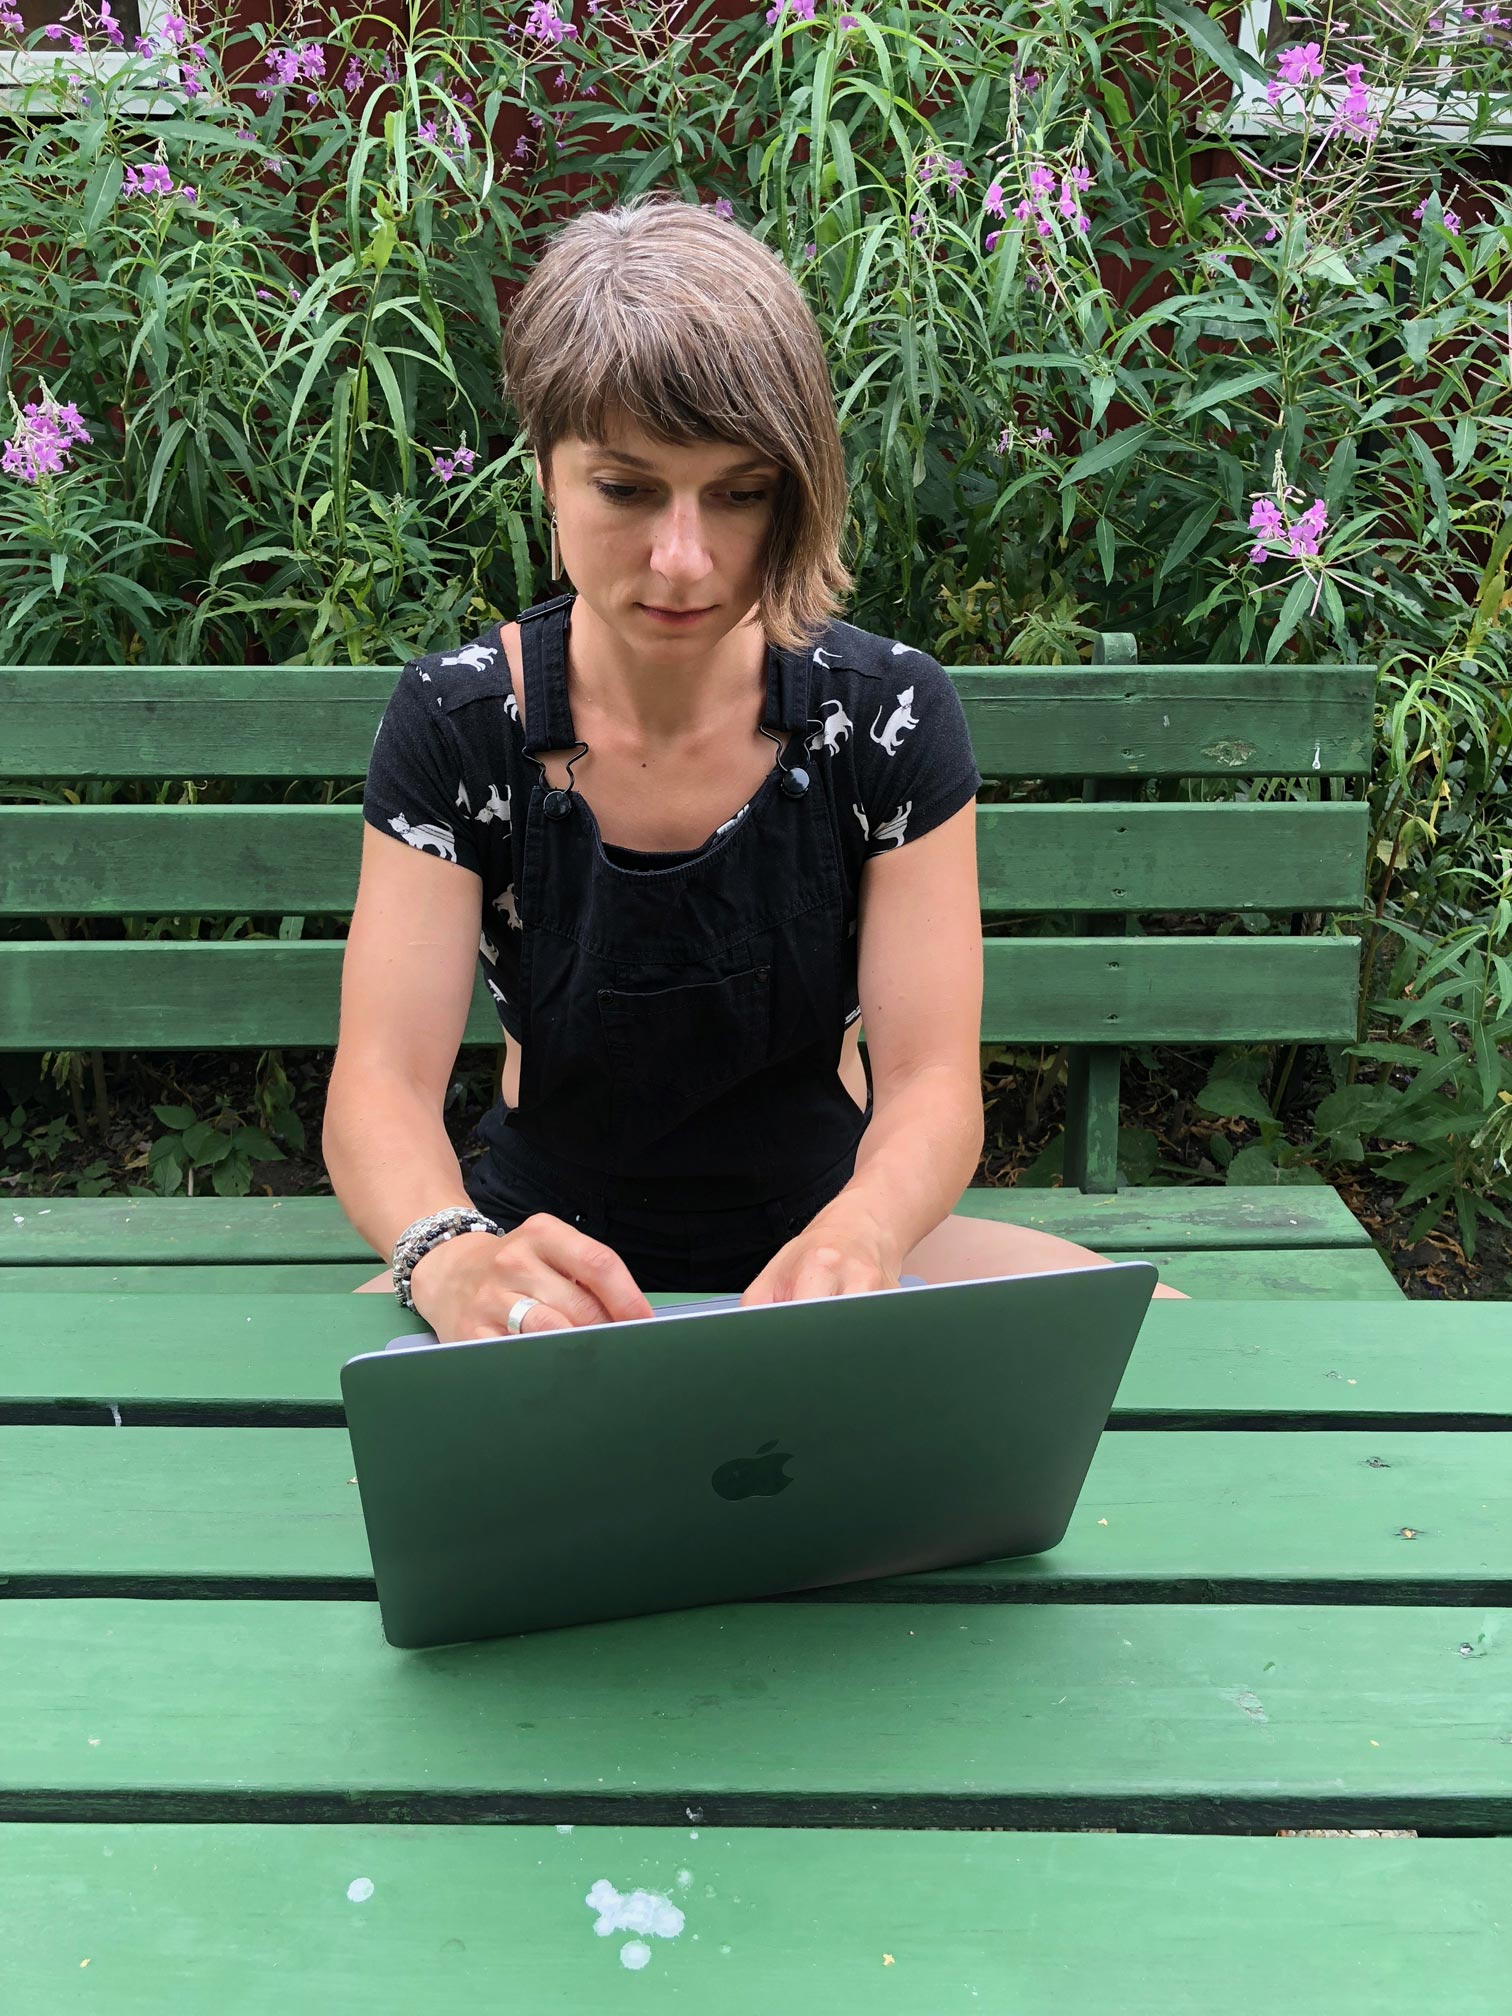 Bild: Anna Nero sitter på en grön bänk vid ett grönt bord och skriver på sin (varumärke). I fonden rikt blommande mjölkört som närmast täcker en faluröd stuga